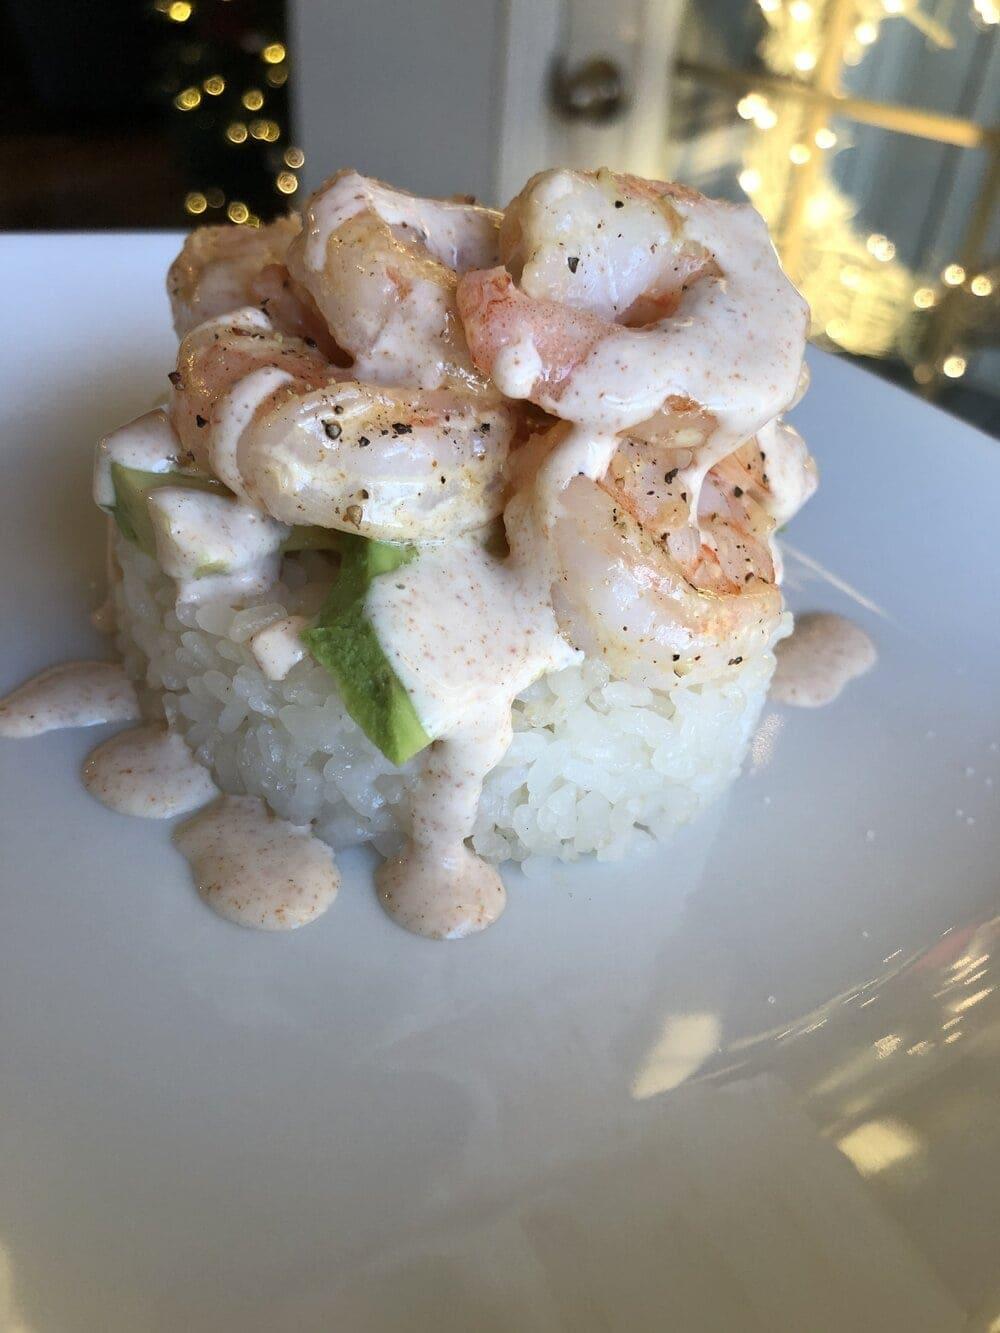 Missouri Girl Everything Sauce on sushi shrimp stacks